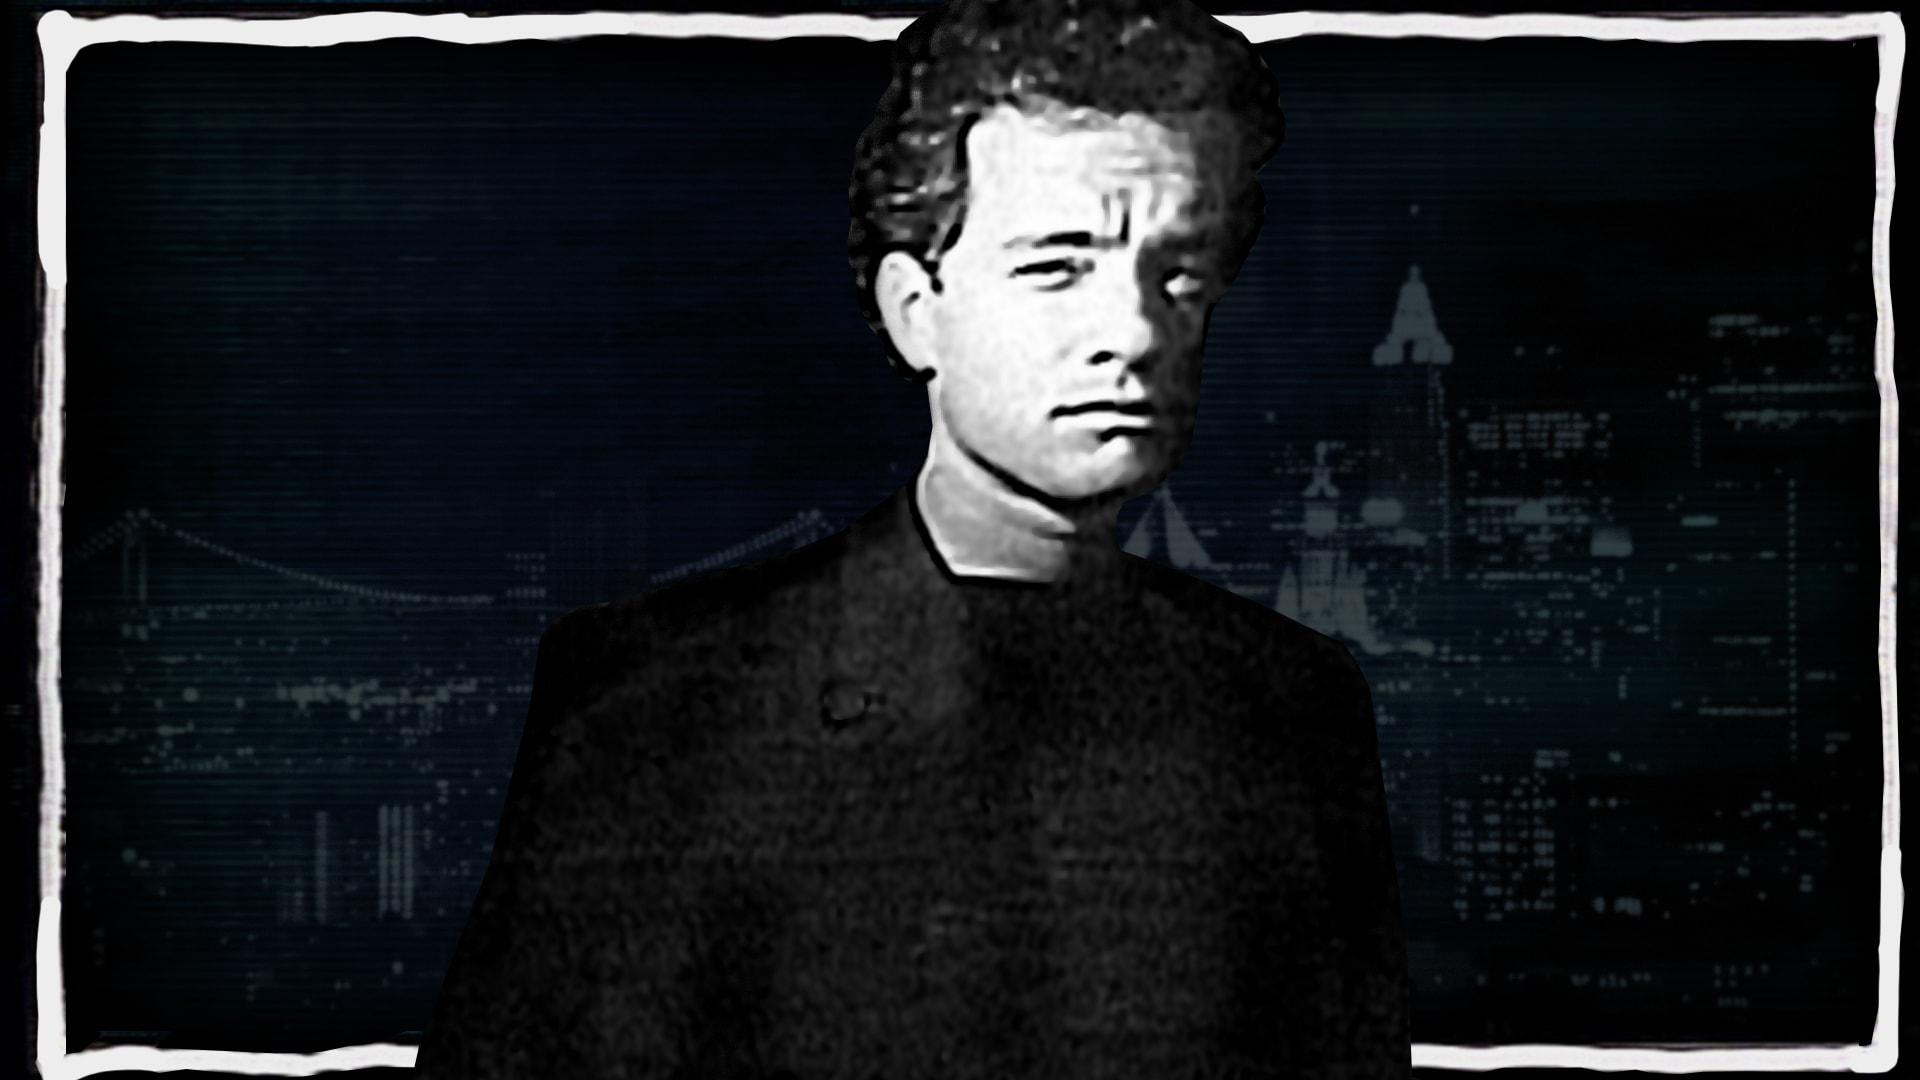 Tom Hanks: October 8, 1988